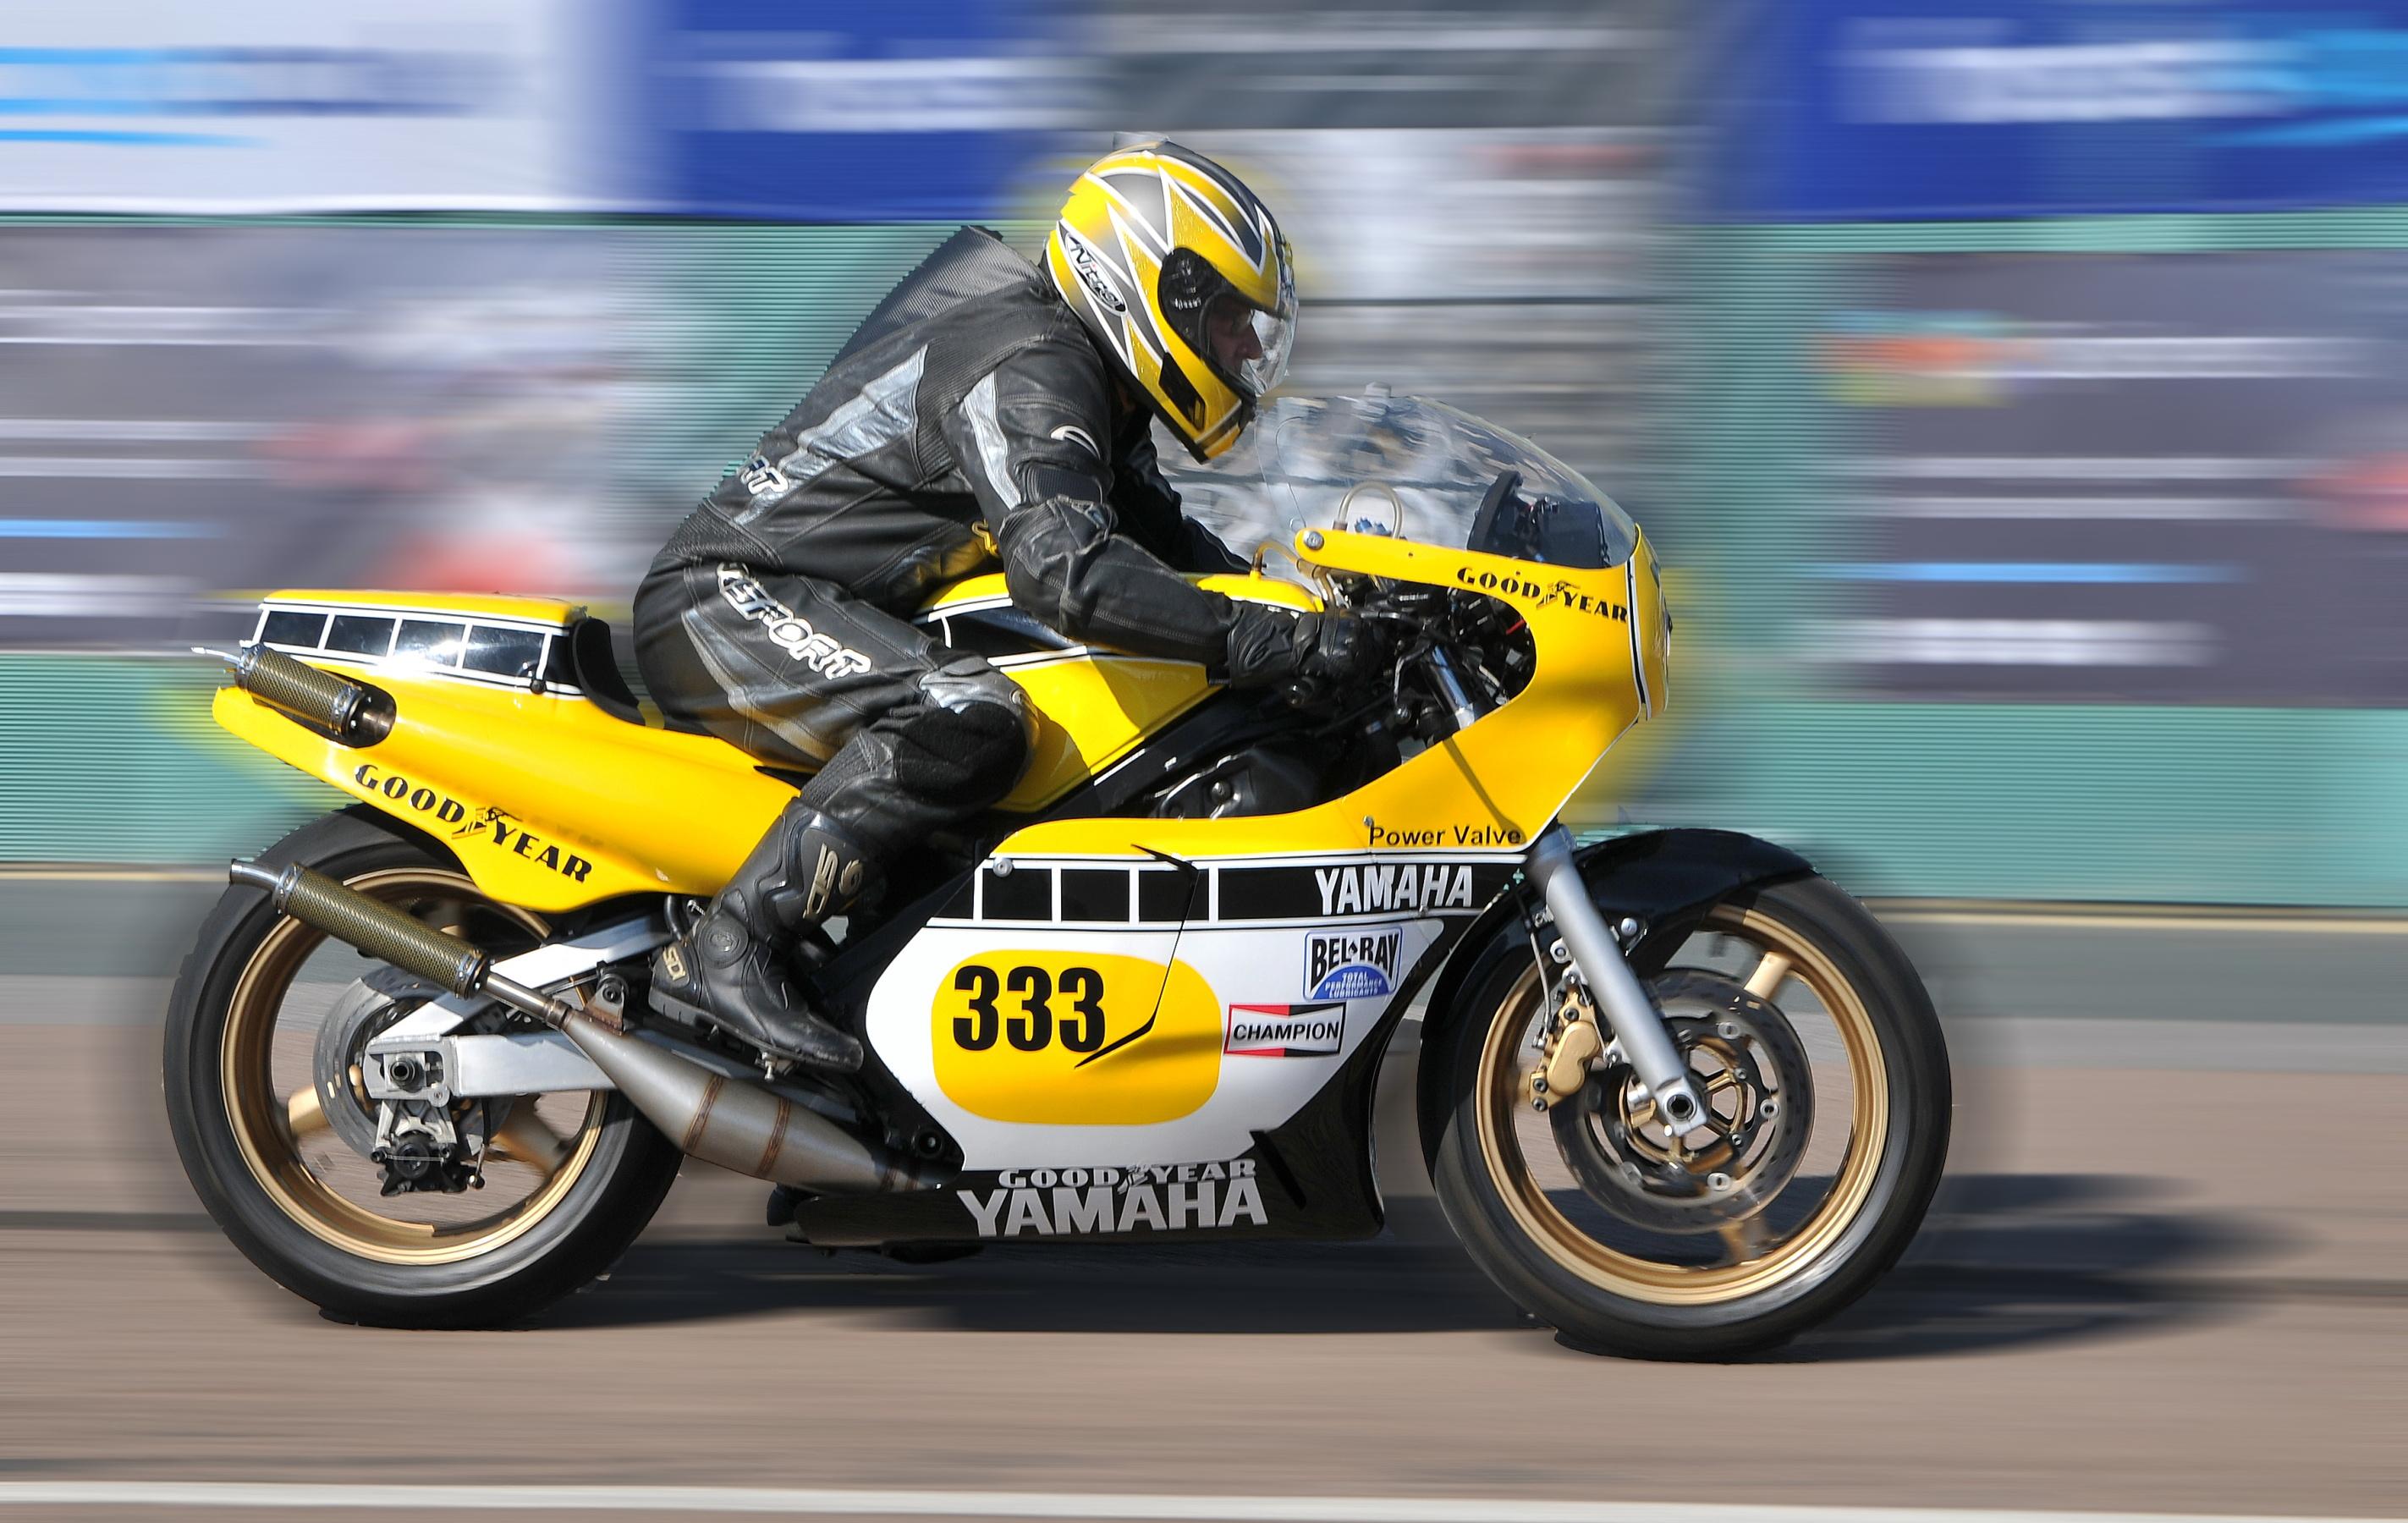 Yamaha RD500 LC at Brighton